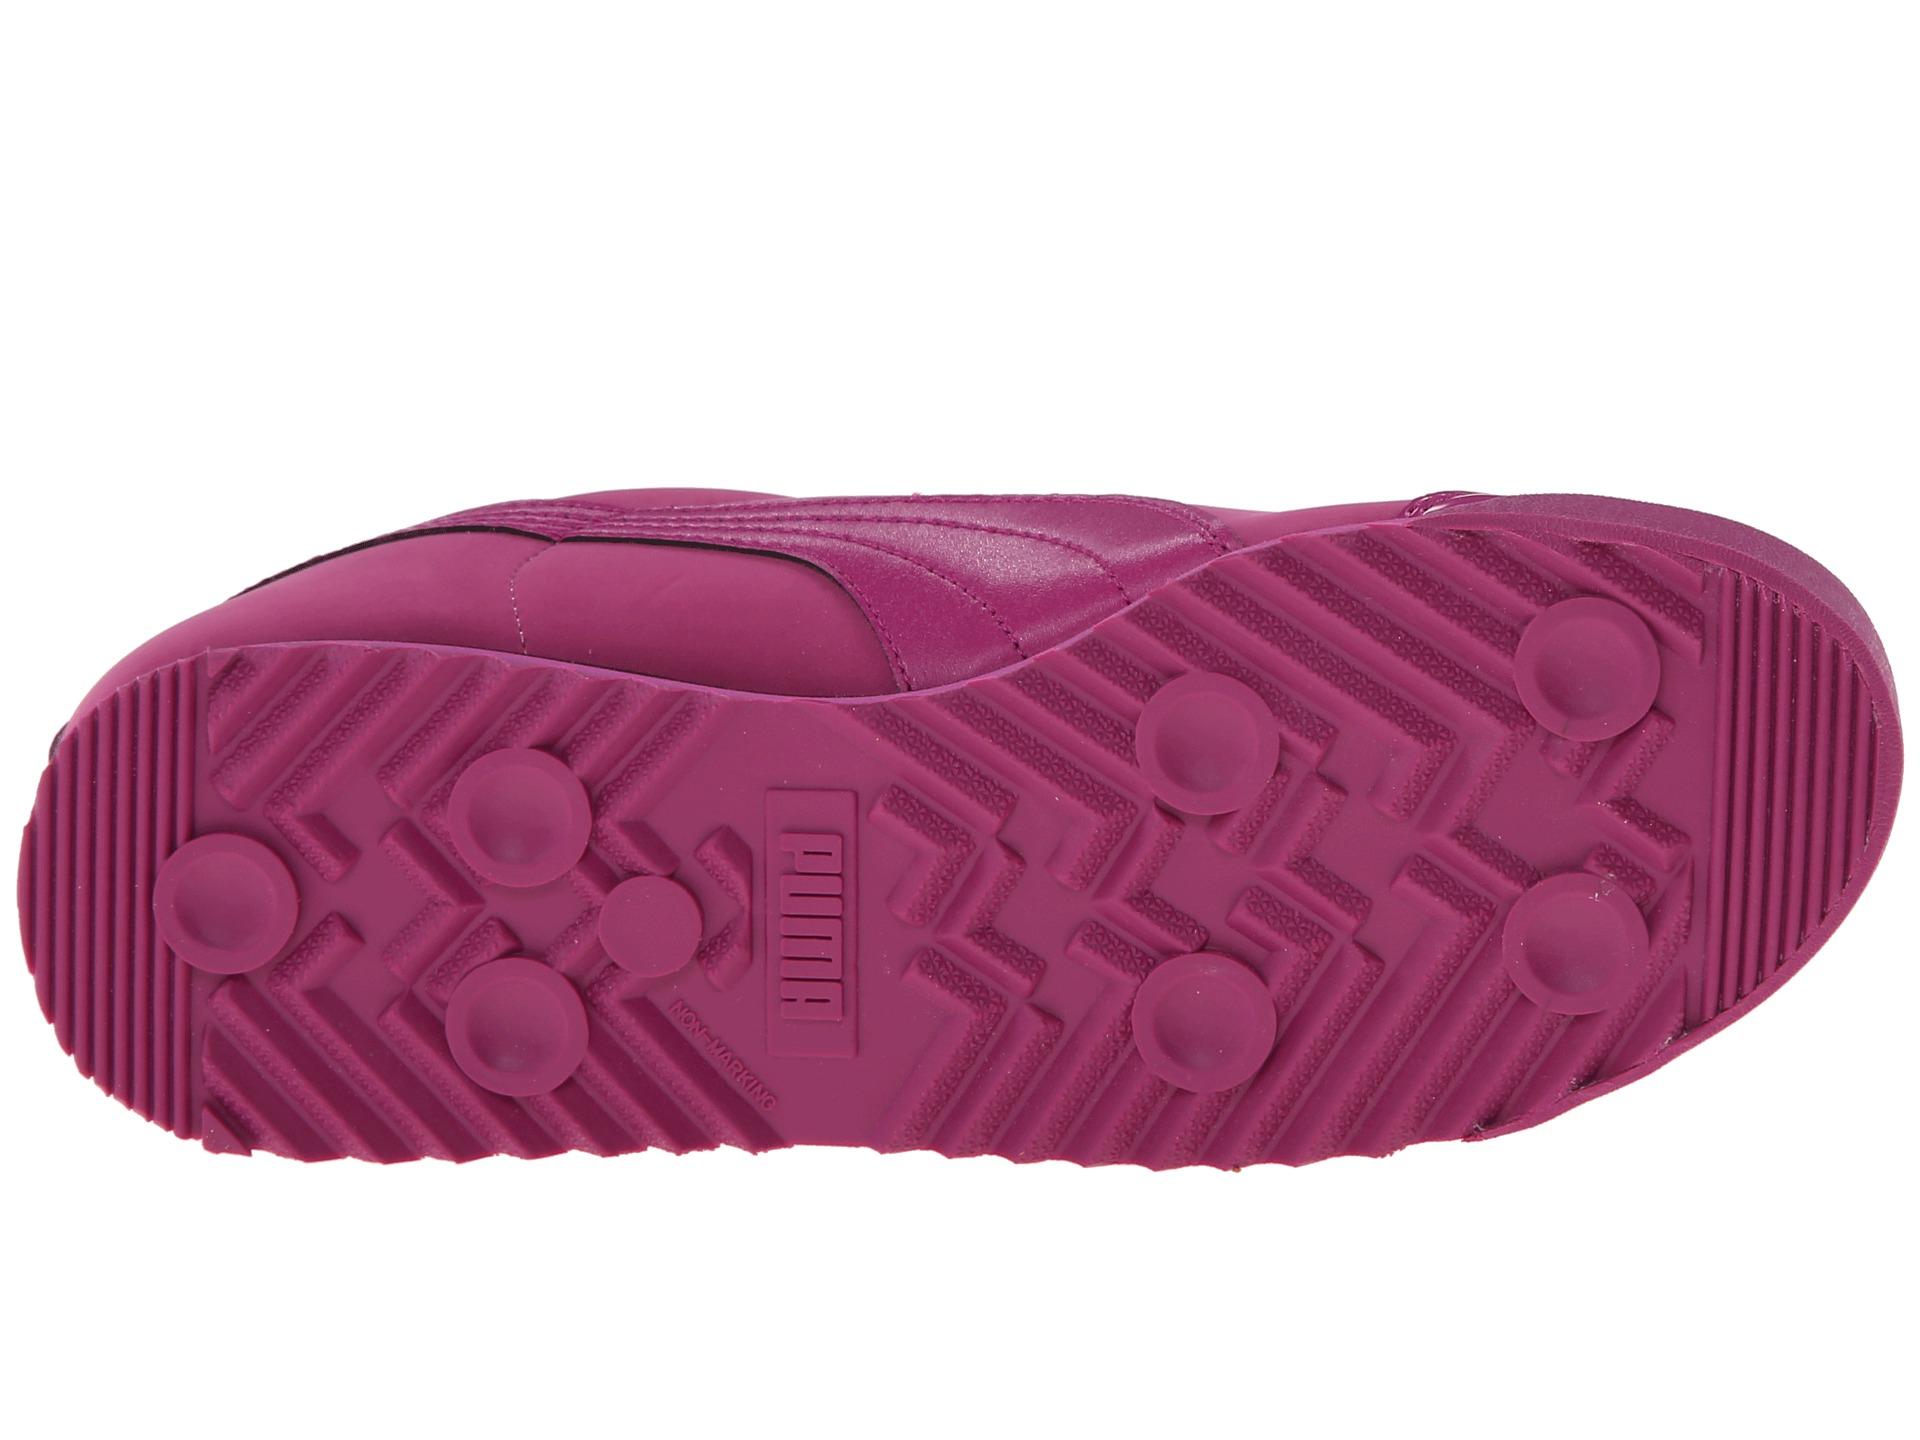 e91b105fa370 Lyst - PUMA Roma Nbk Patent in Pink